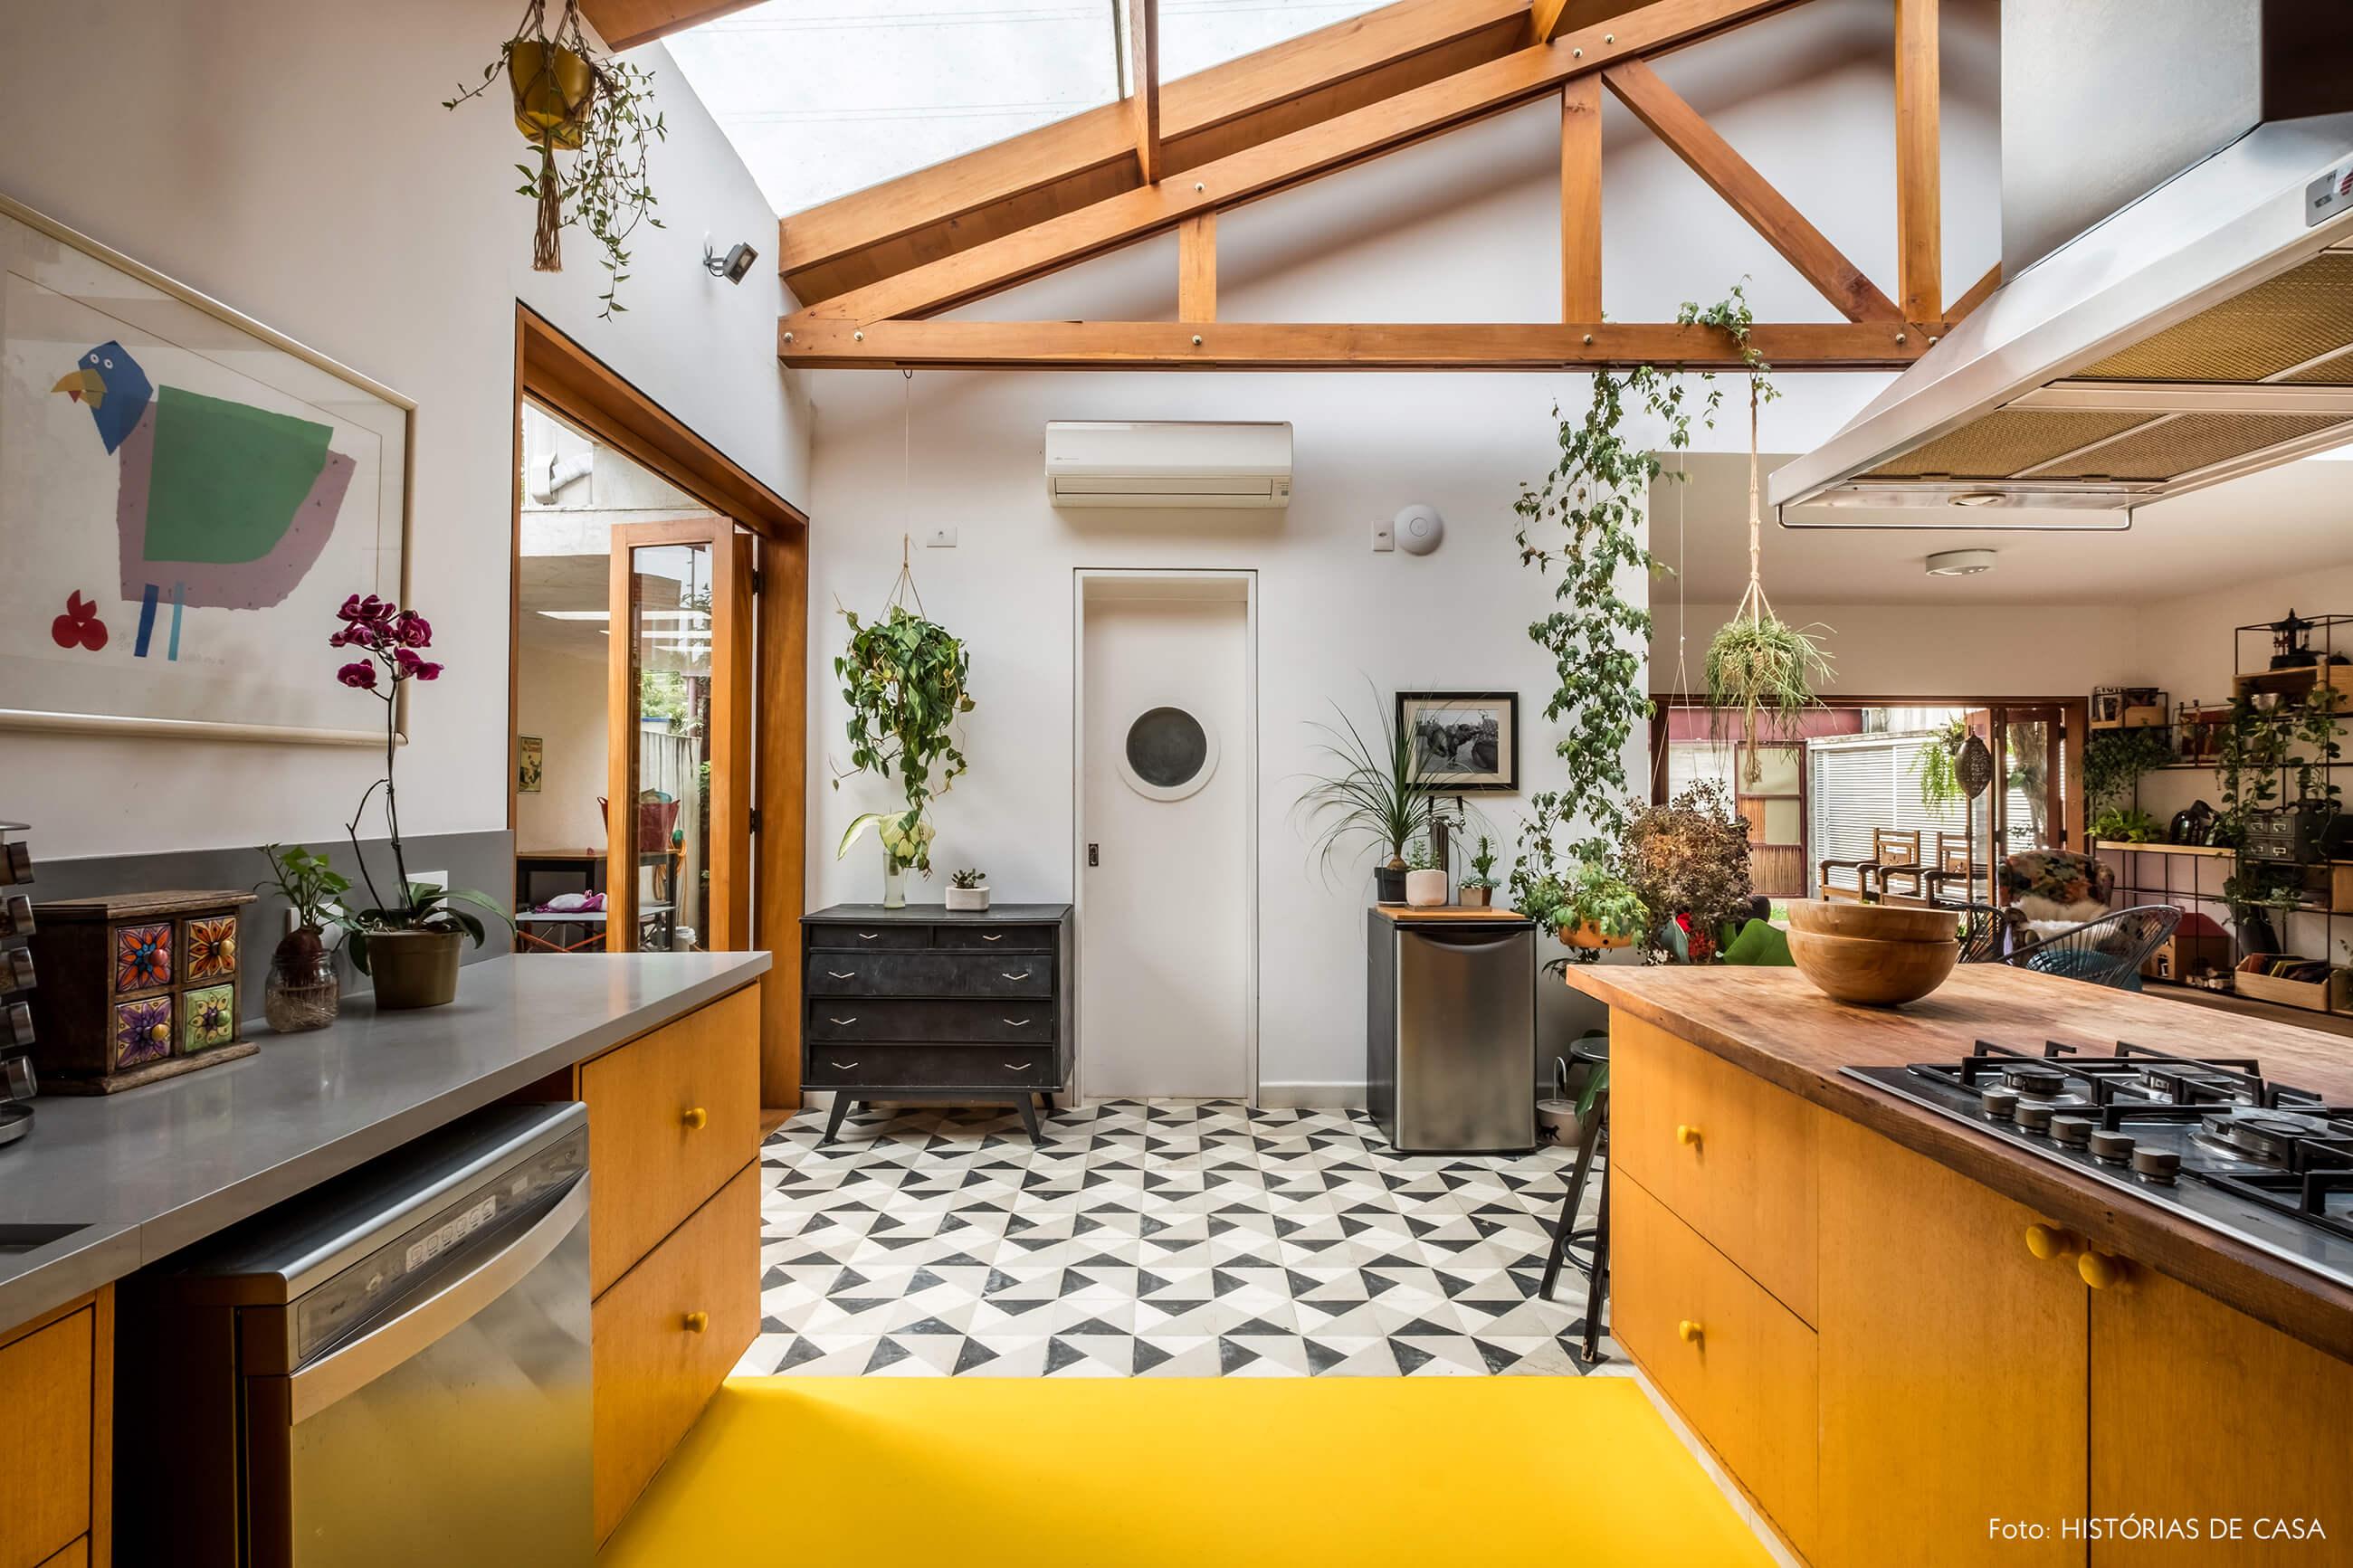 Cozinha com piso amarelo e faixa de ladrilhos hidráulicos